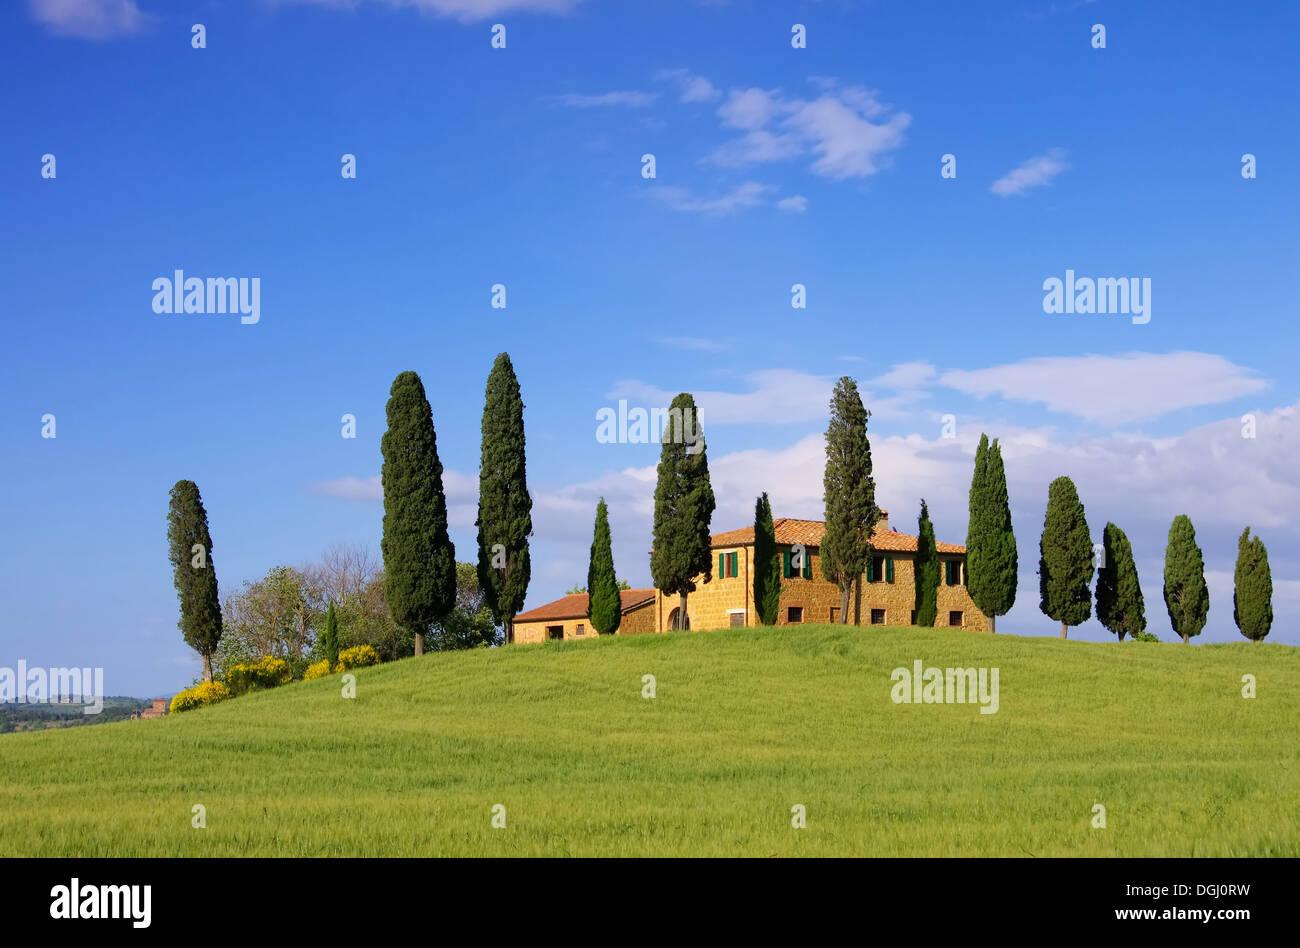 Toskana Haus   Tuscany House 15   Stock Image